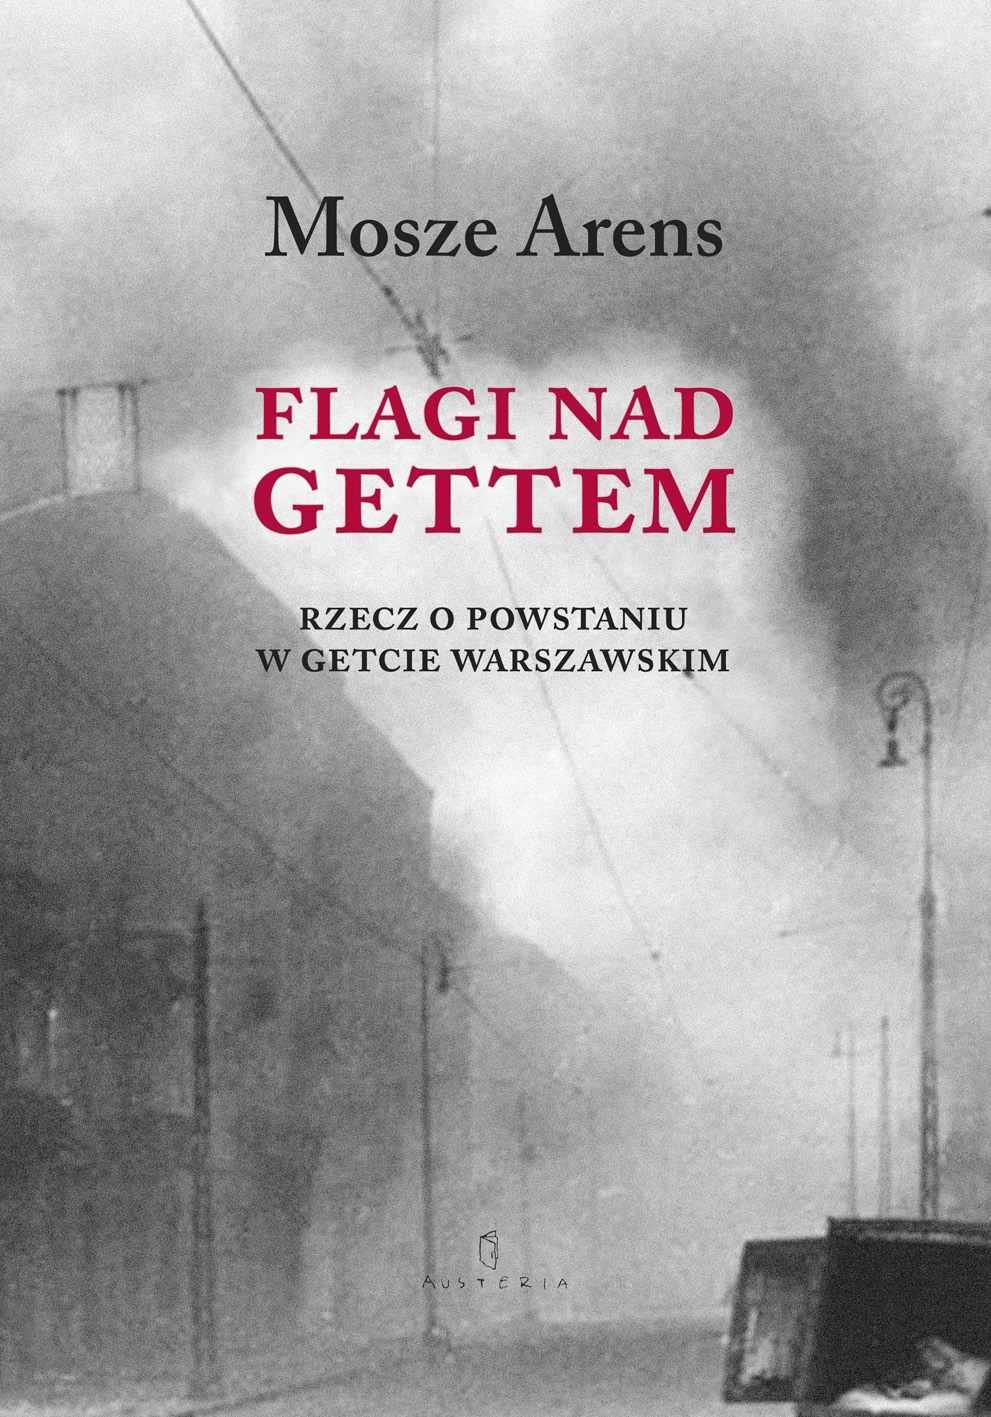 Flagi nad gettem - Ebook (Książka PDF) do pobrania w formacie PDF